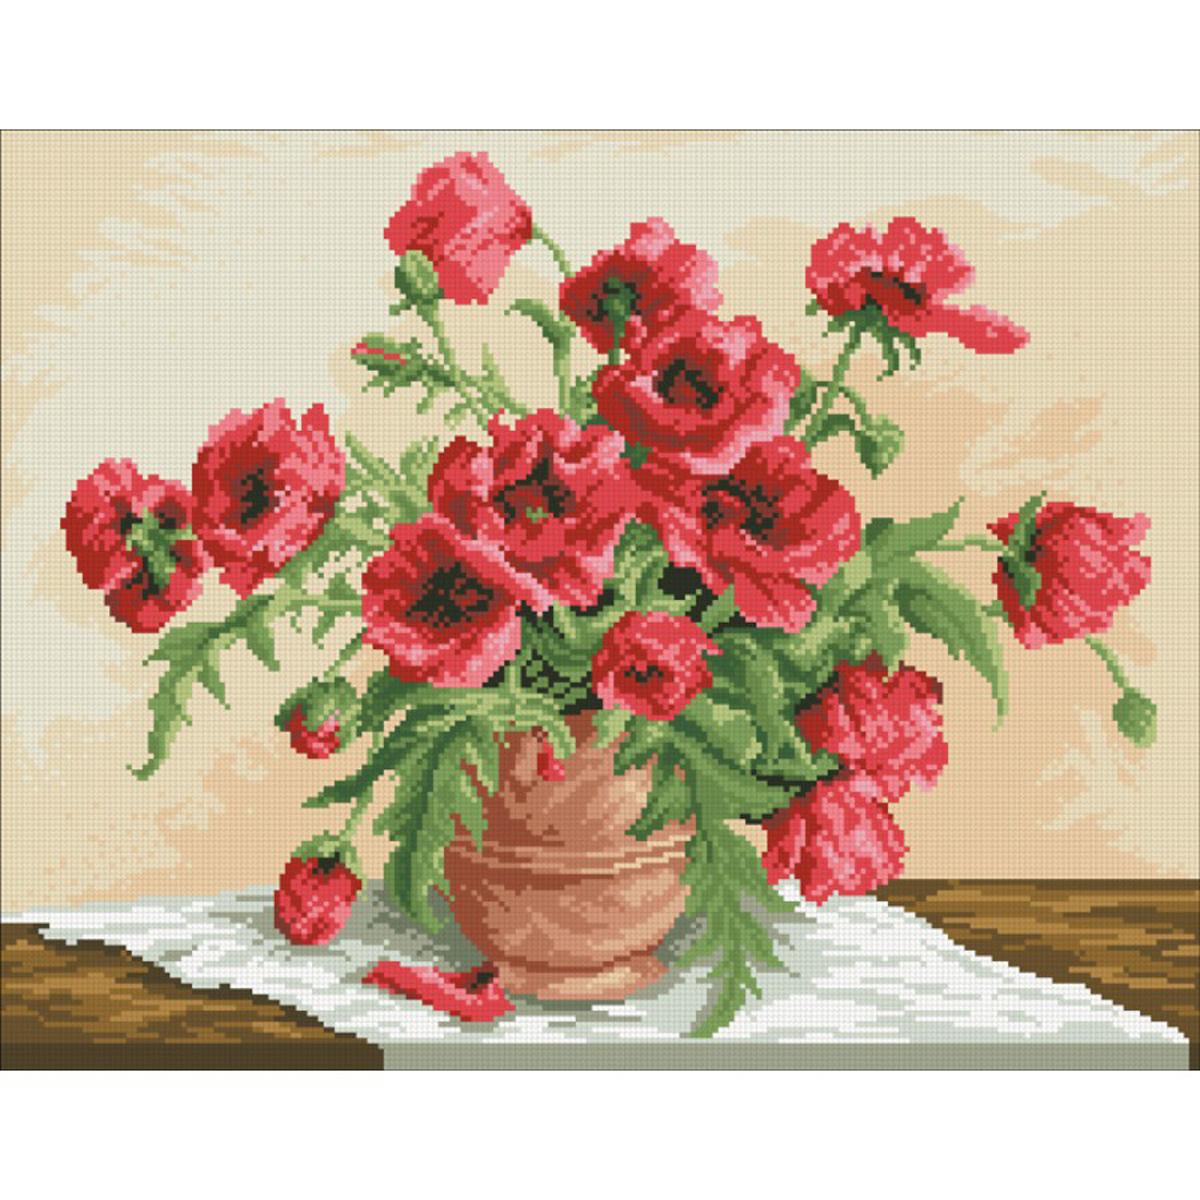 Набор для изготовления картины со стразами Паутинка Маковый букет, 51 х 40 см486724Состав набора: мозаика — 26 цветов, холст с нанесенным рисунком и клеевым слоем, пинцет, подробная инструкция.